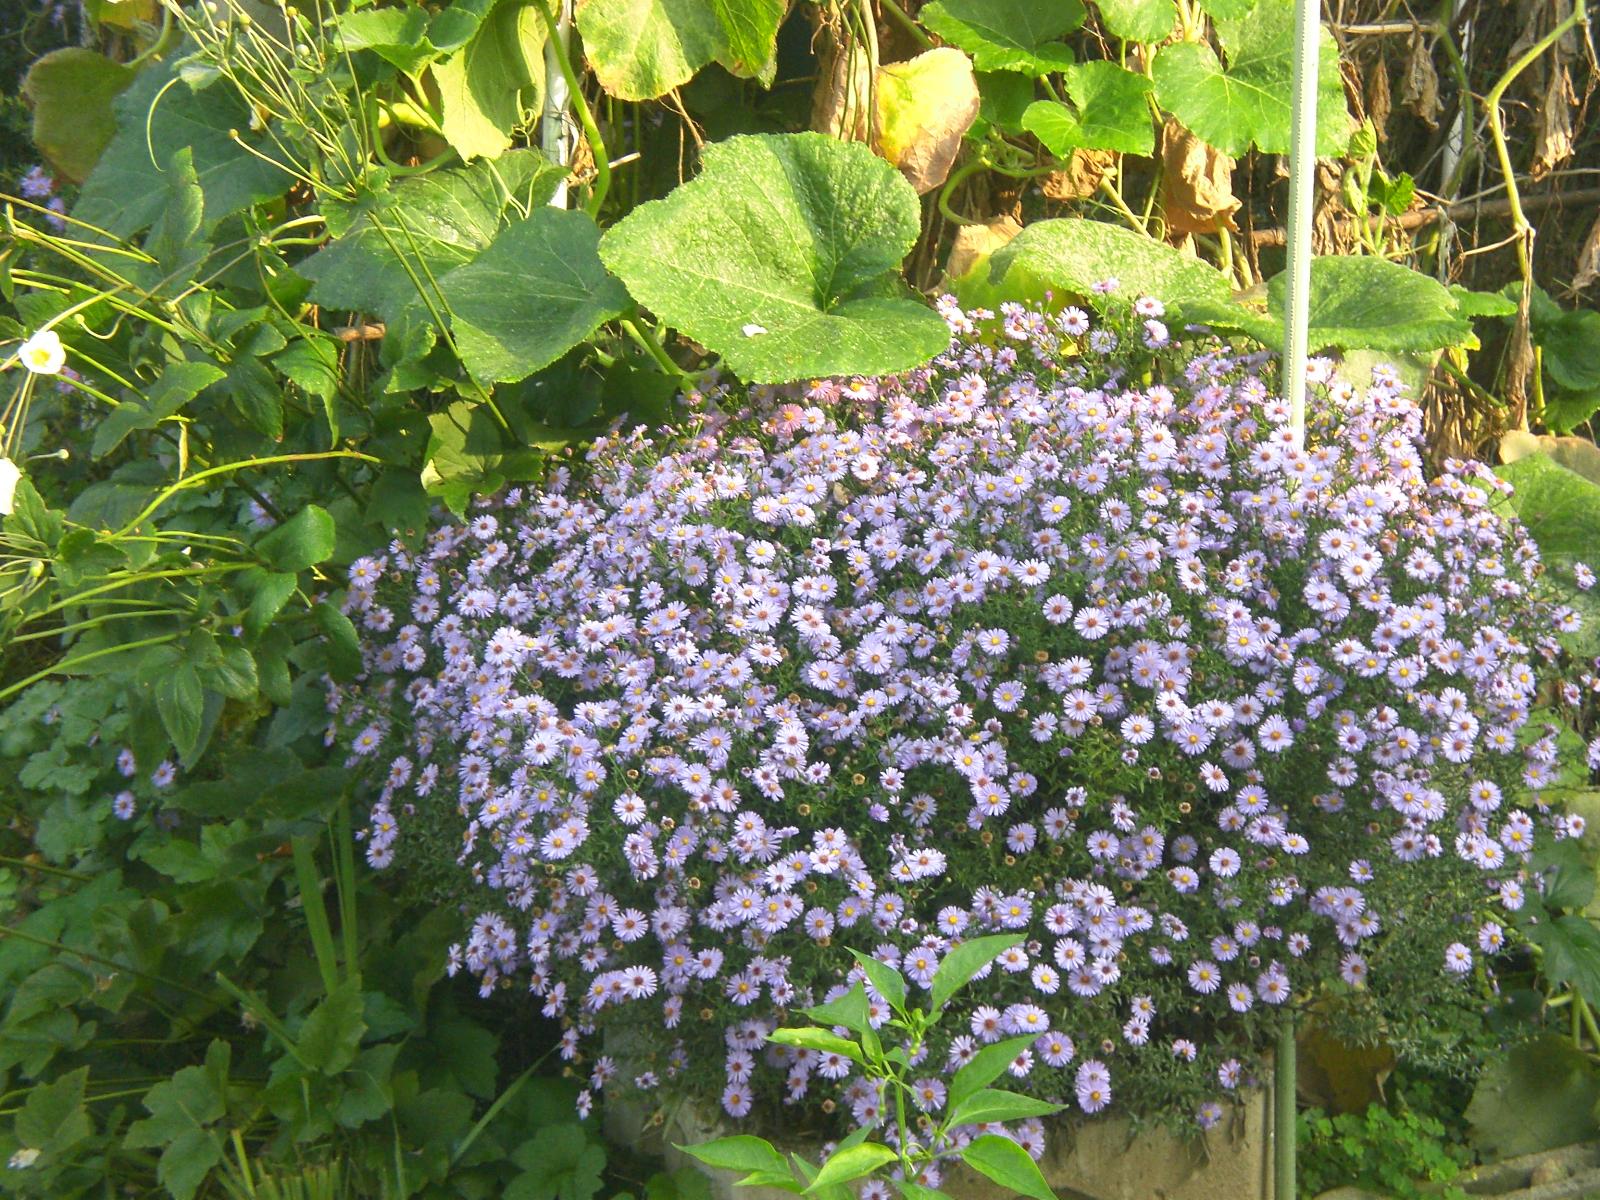 Le soluzioni alternative anemoni e settembrini - Settembrini fiori ...